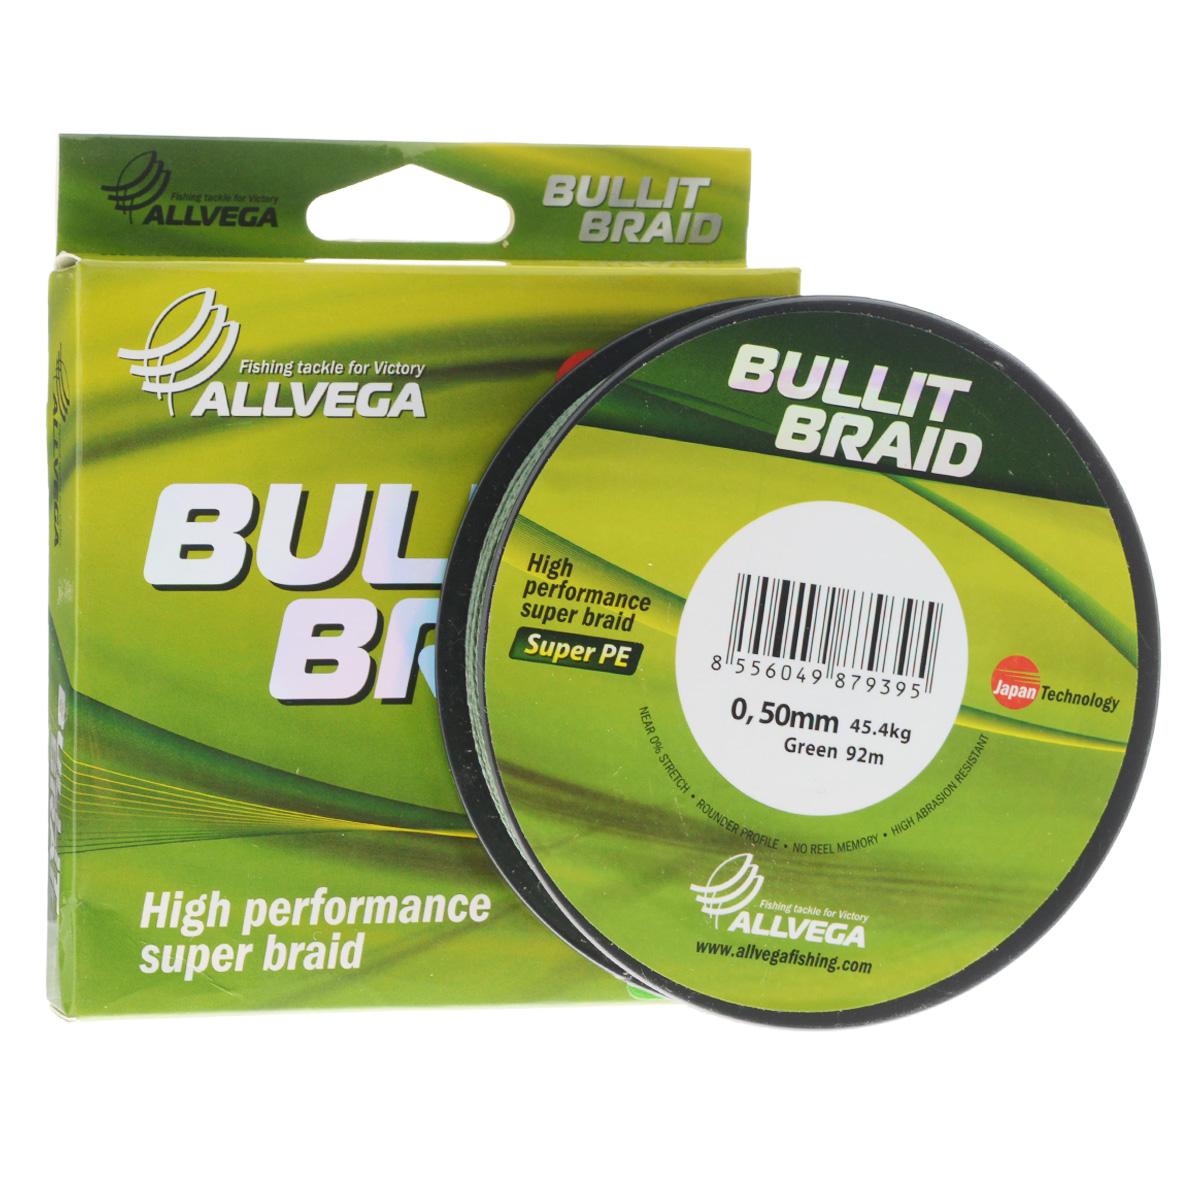 Леска плетеная Allvega Bullit Braid, цвет: темно-зеленый, 92 м, 0,50 мм, 45,4 кг32049Леска Allvega Bullit Braid с гладкой поверхностью и одинаковым сечением по всей длине обладает высокой износостойкостью. Благодаря микроволокнам полиэтилена (Super PE) леска имеет очень плотное плетение и не впитывает воду. Леску Allvega Bullit Braid можно применять в любых типах водоемов. Особенности: повышенная износостойкость; высокая чувствительность - коэффициент растяжения близок к нулю; отсутствует память; идеально гладкая поверхность позволяет увеличить дальность забросов; высокая прочность шнура на узлах.